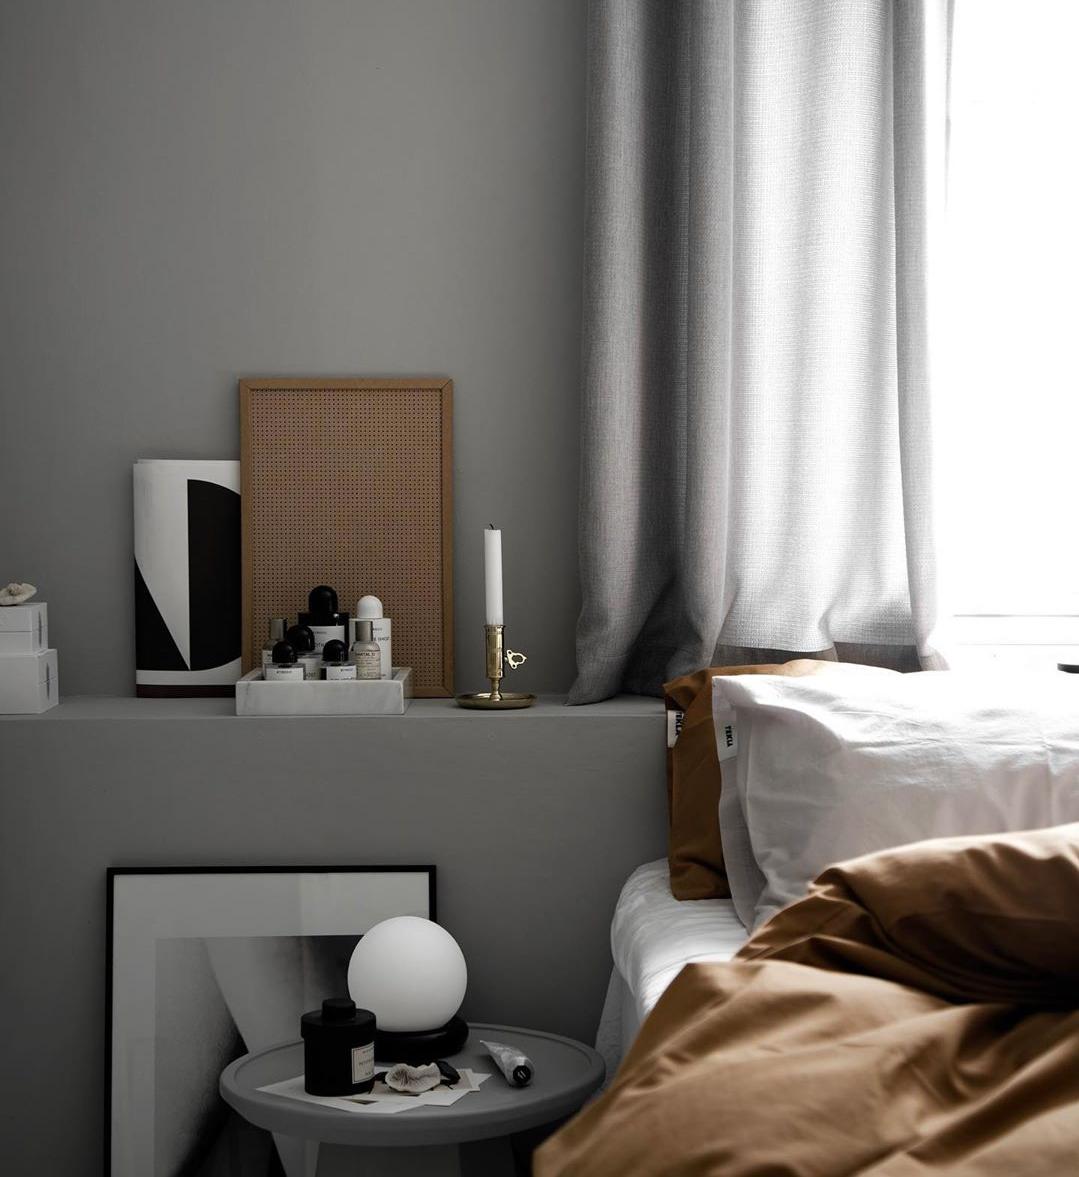 Λατρεύεις τον μινιμαλισμό; Τότε το υπνοδωμάτιο σου πρέπει να είναι κάπως έτσι Είτε απολαμβάνεις το κρεβάτι μόνη σου τα βράδια είτε είστε δύο σε αυτό, αυτό το είδος διακόσμησης, που θα μπορούσαμε να το θεωρήσουμε ως την τέχνη της αφαίρεσης, θα κάνει το δωμάτιό σου να μοιάζει με παράδεισο!